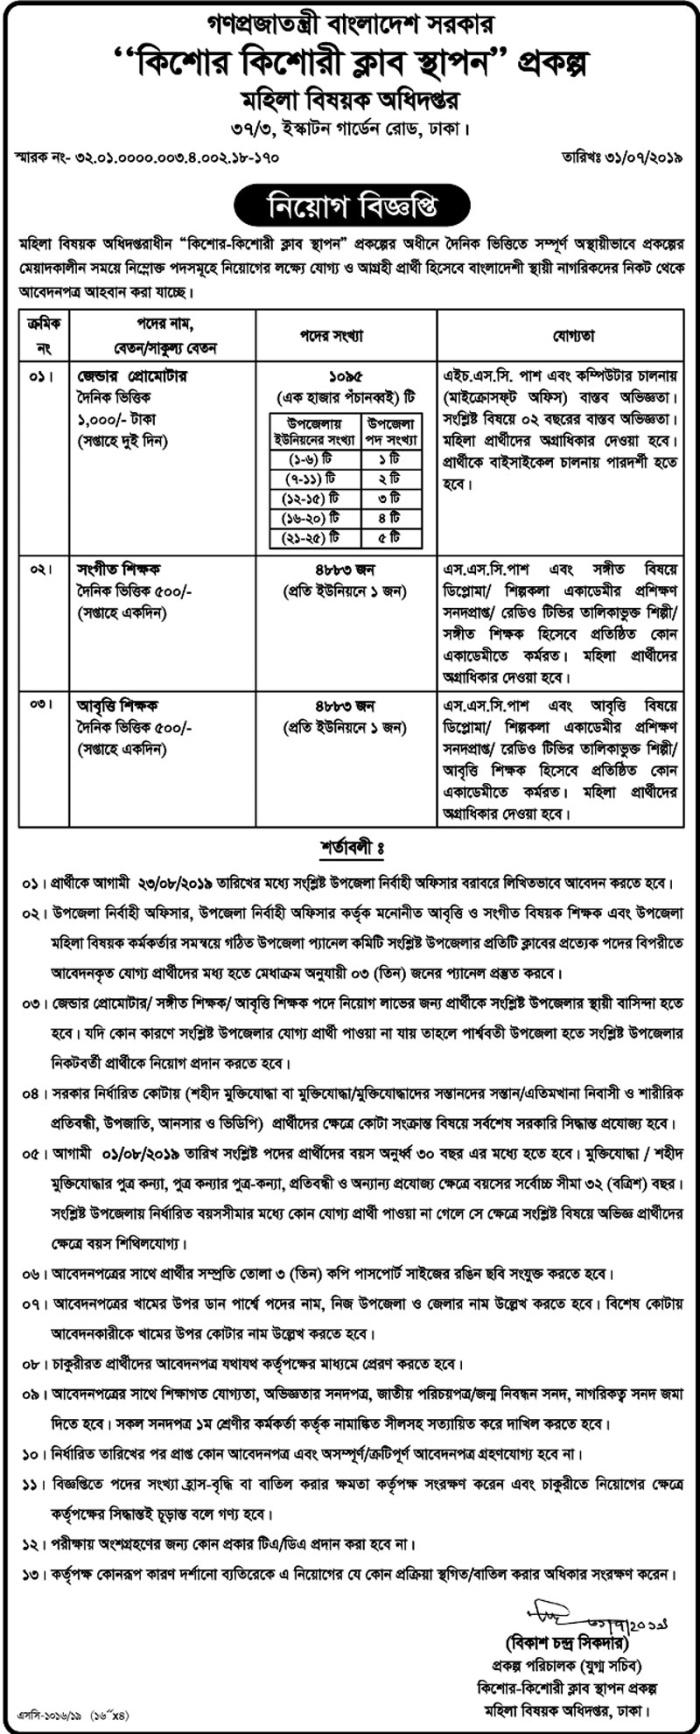 Women and Children Affairs Job 2019